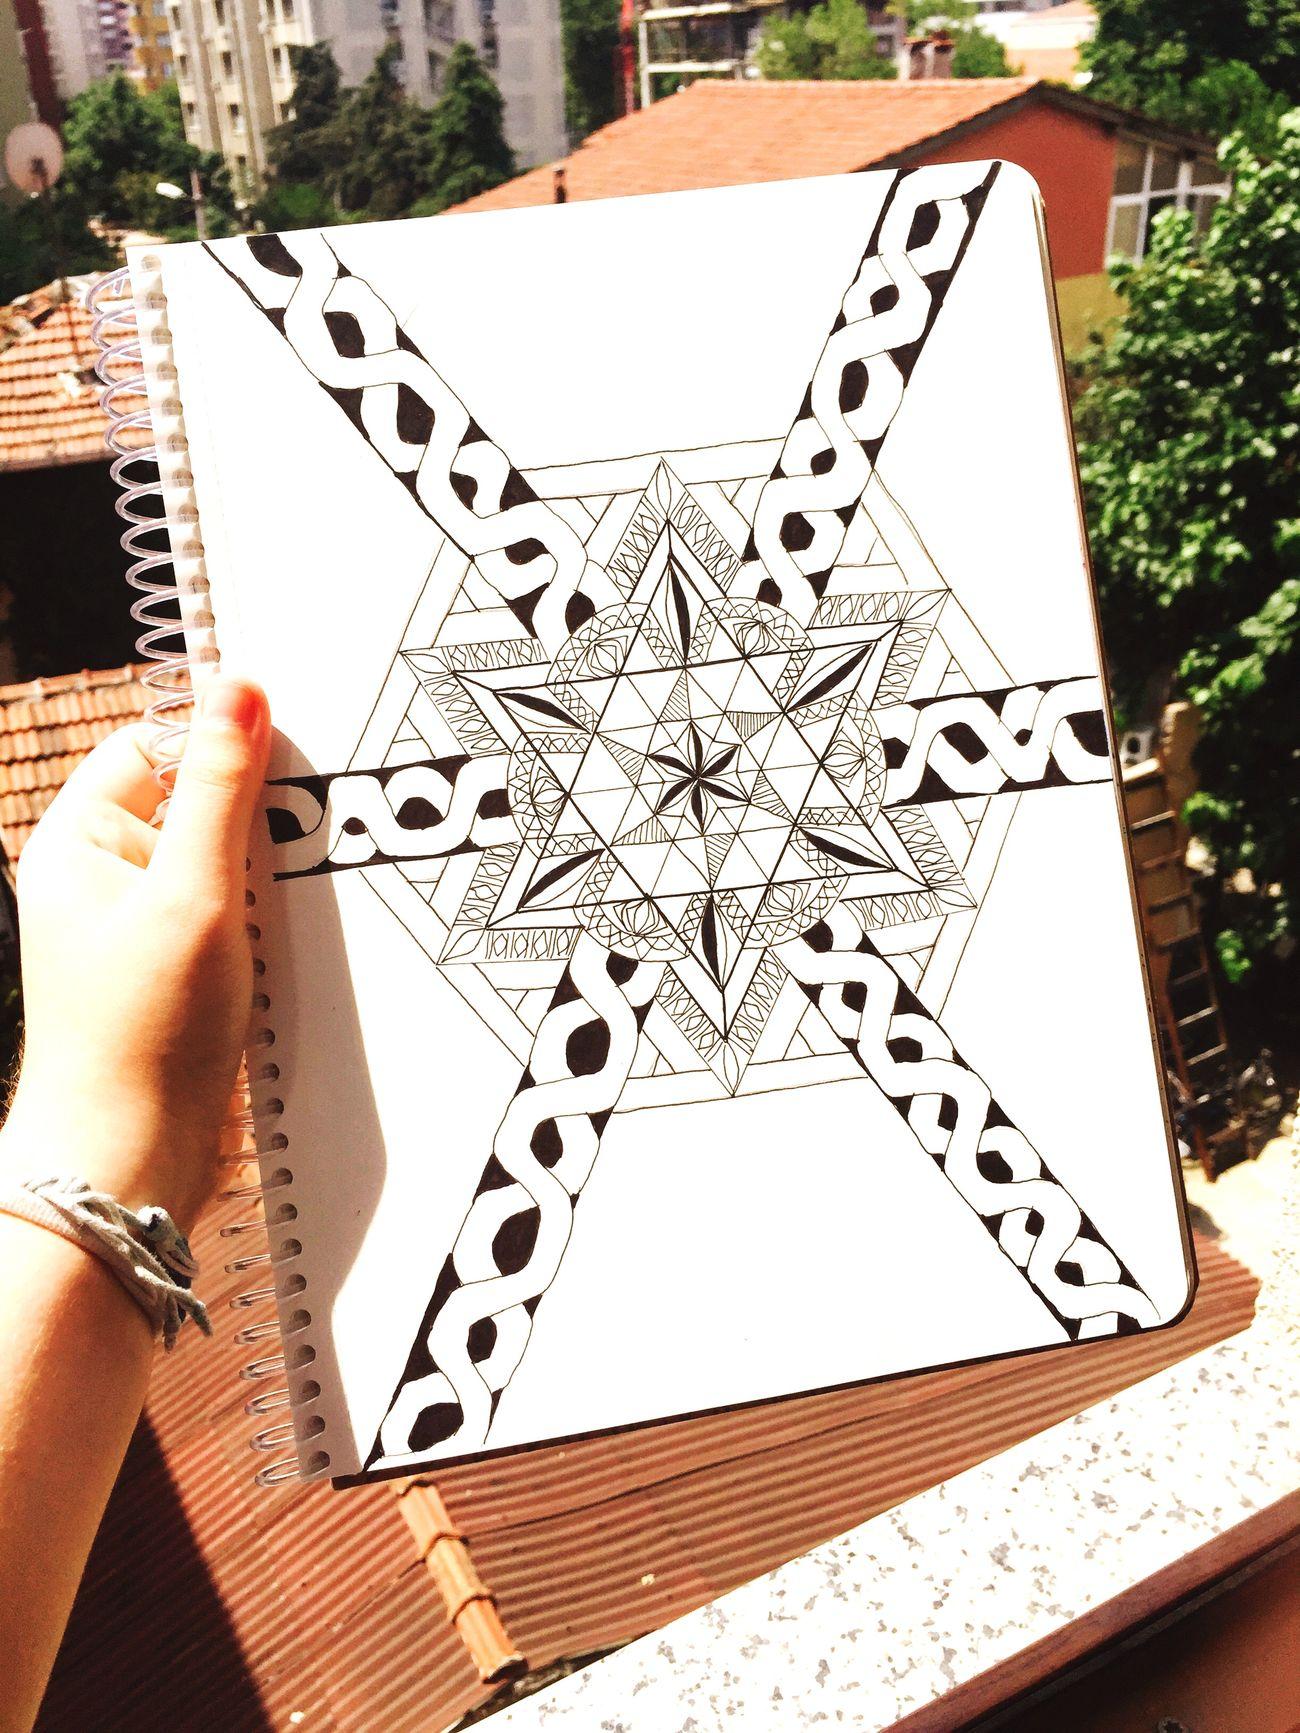 Symbol Artline Sketchbook Sketch ArtWork Art My Artwork Artist